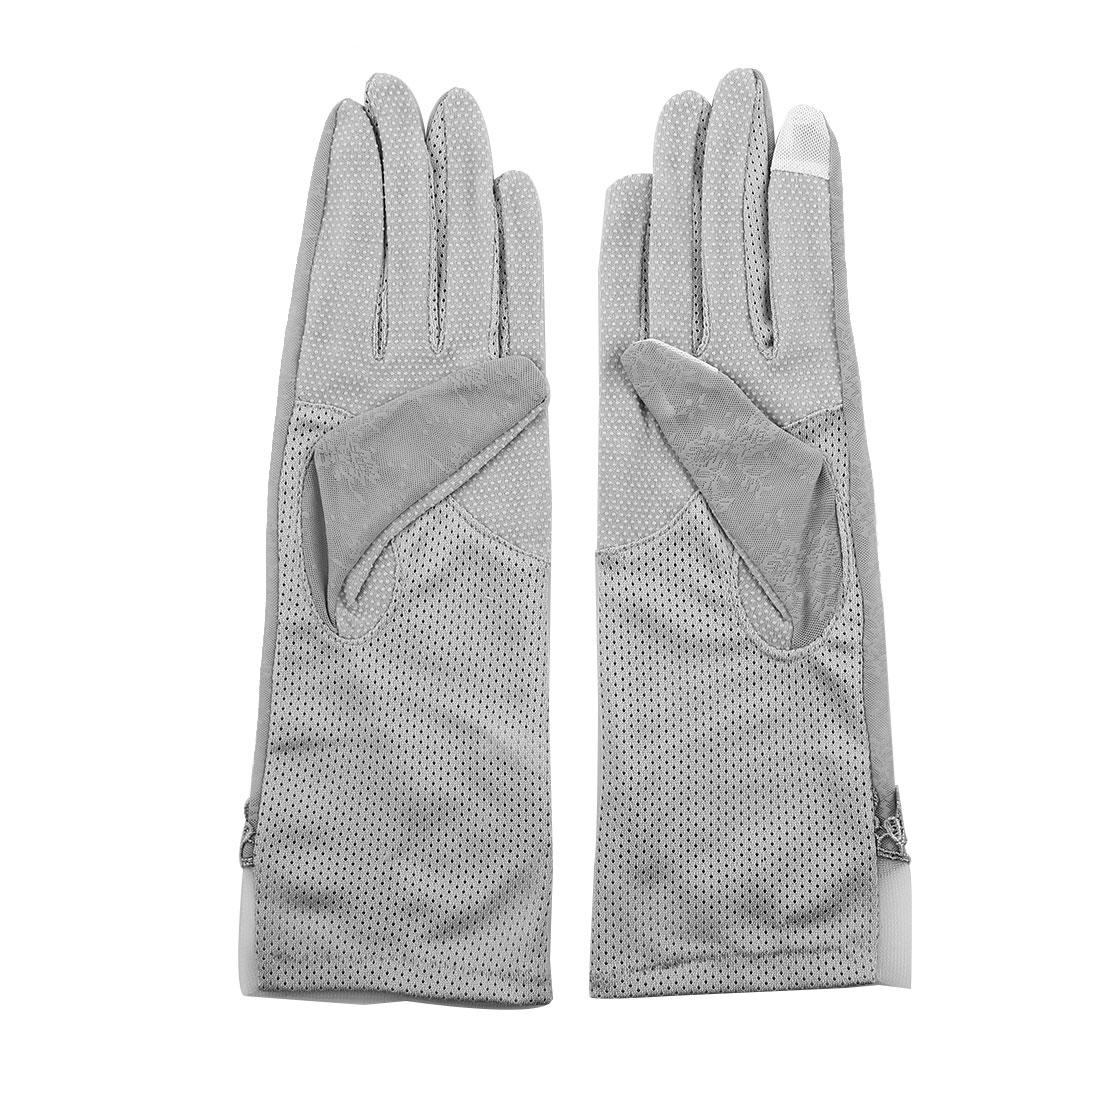 Outdoor Travel Driving Flower Bowknot Decor Full Finger Non-slip Sun Resistant Gloves Gray Pair for Women